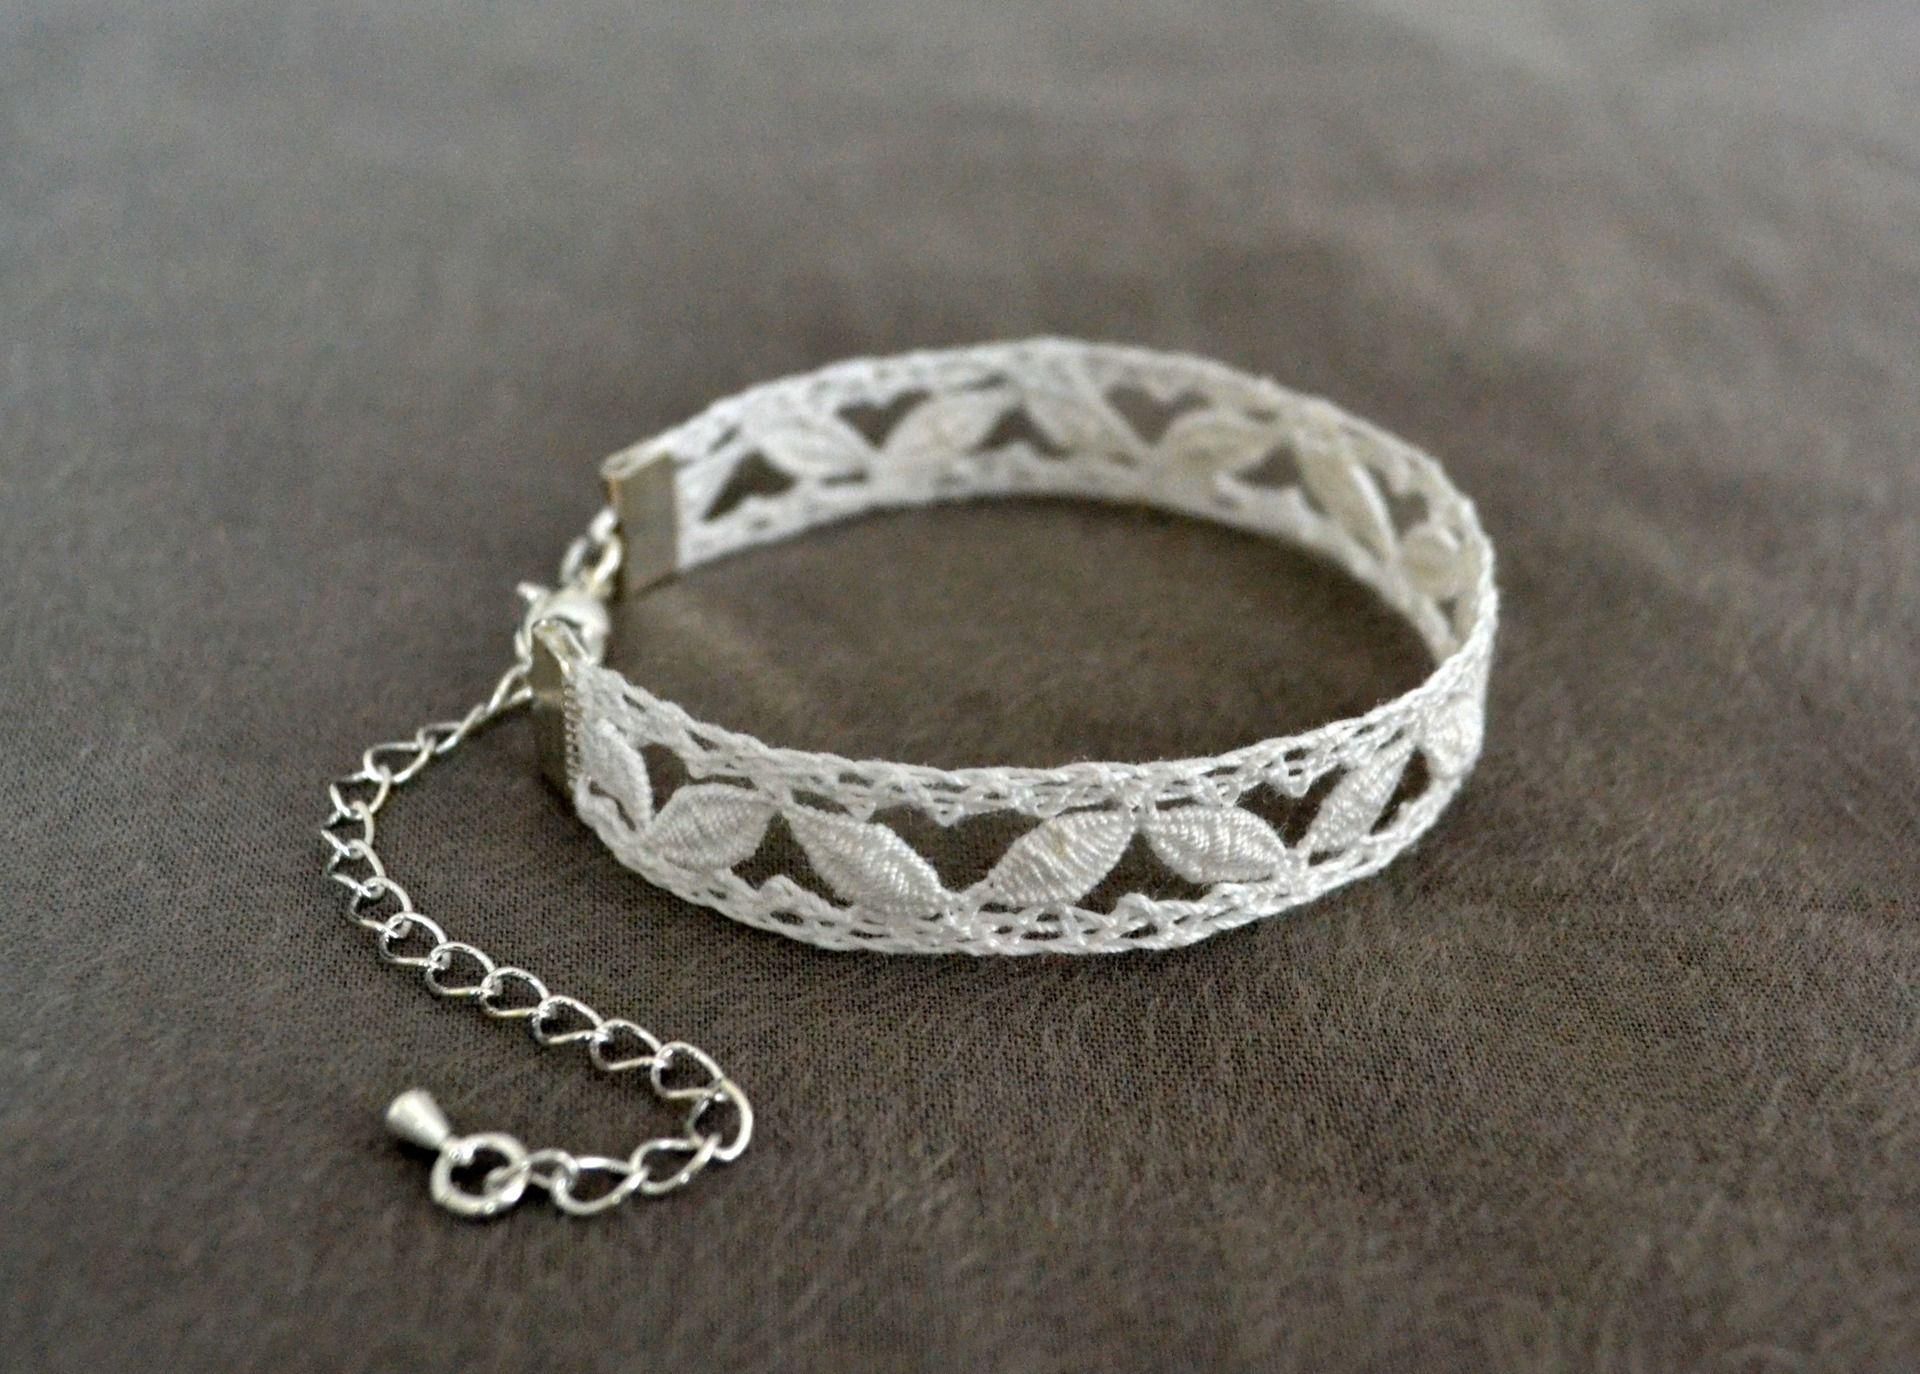 6b42fc8c07 Bracelet à motifs points d'esprit en dentelle au fuseau, blanc ...